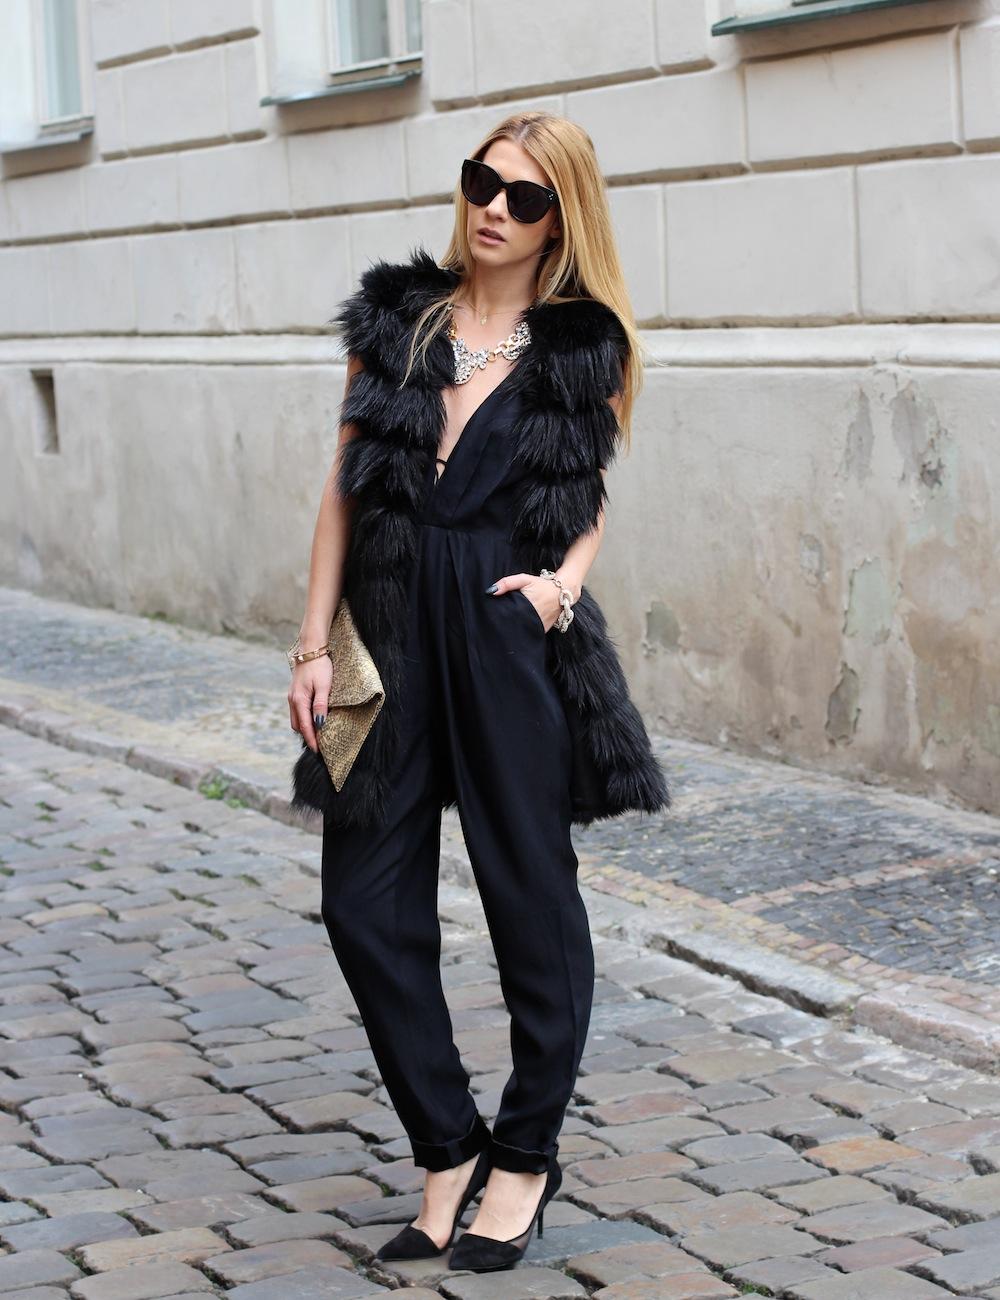 Fur Embellished Black Jumpsuit for Women